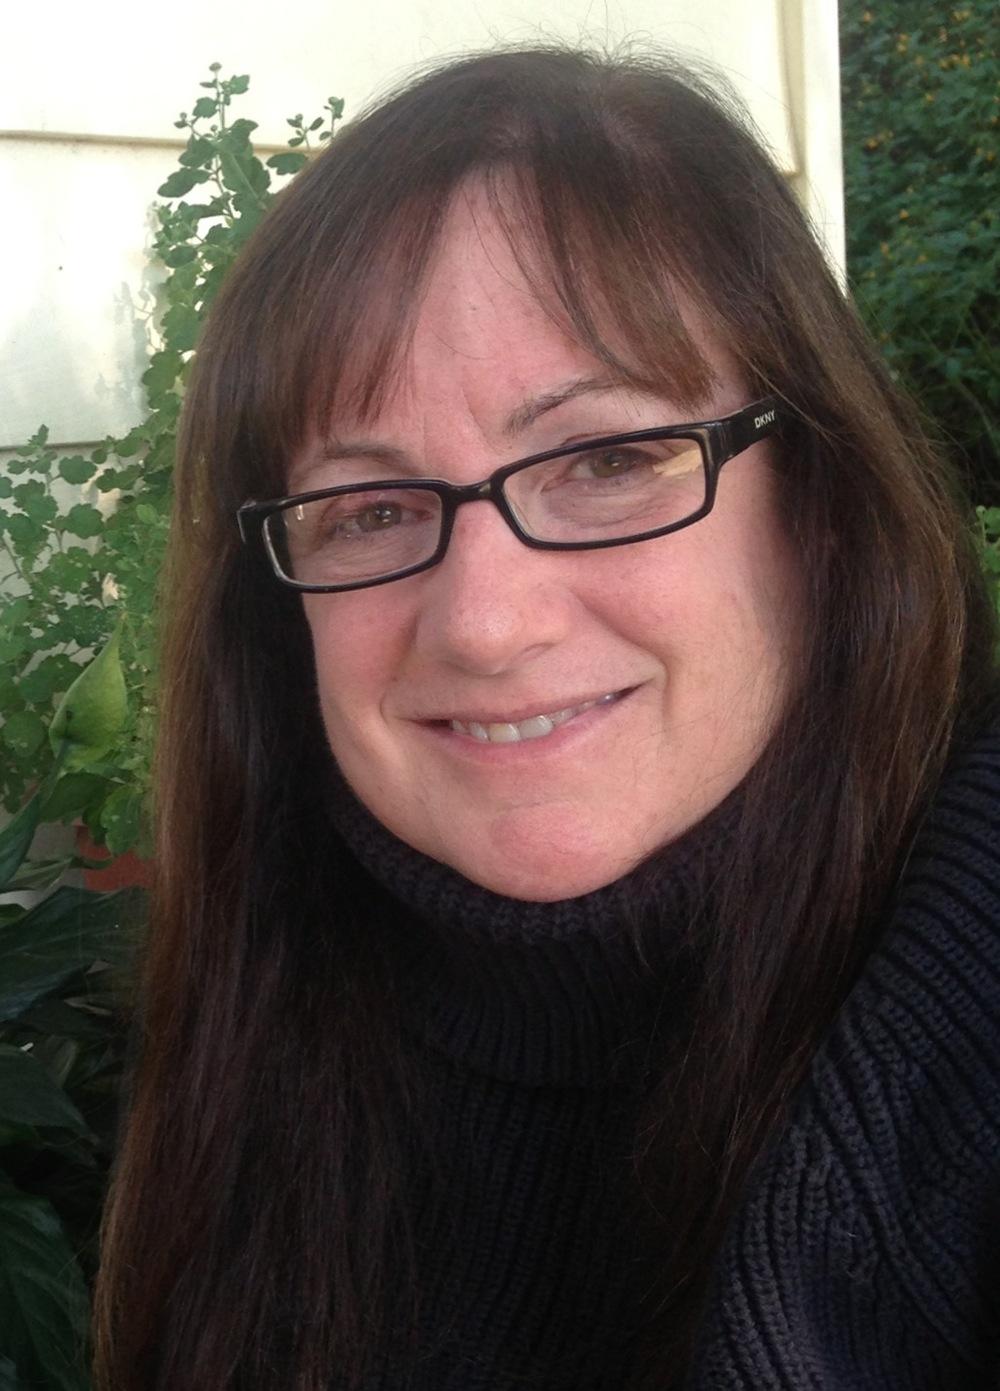 Andrea Linvill